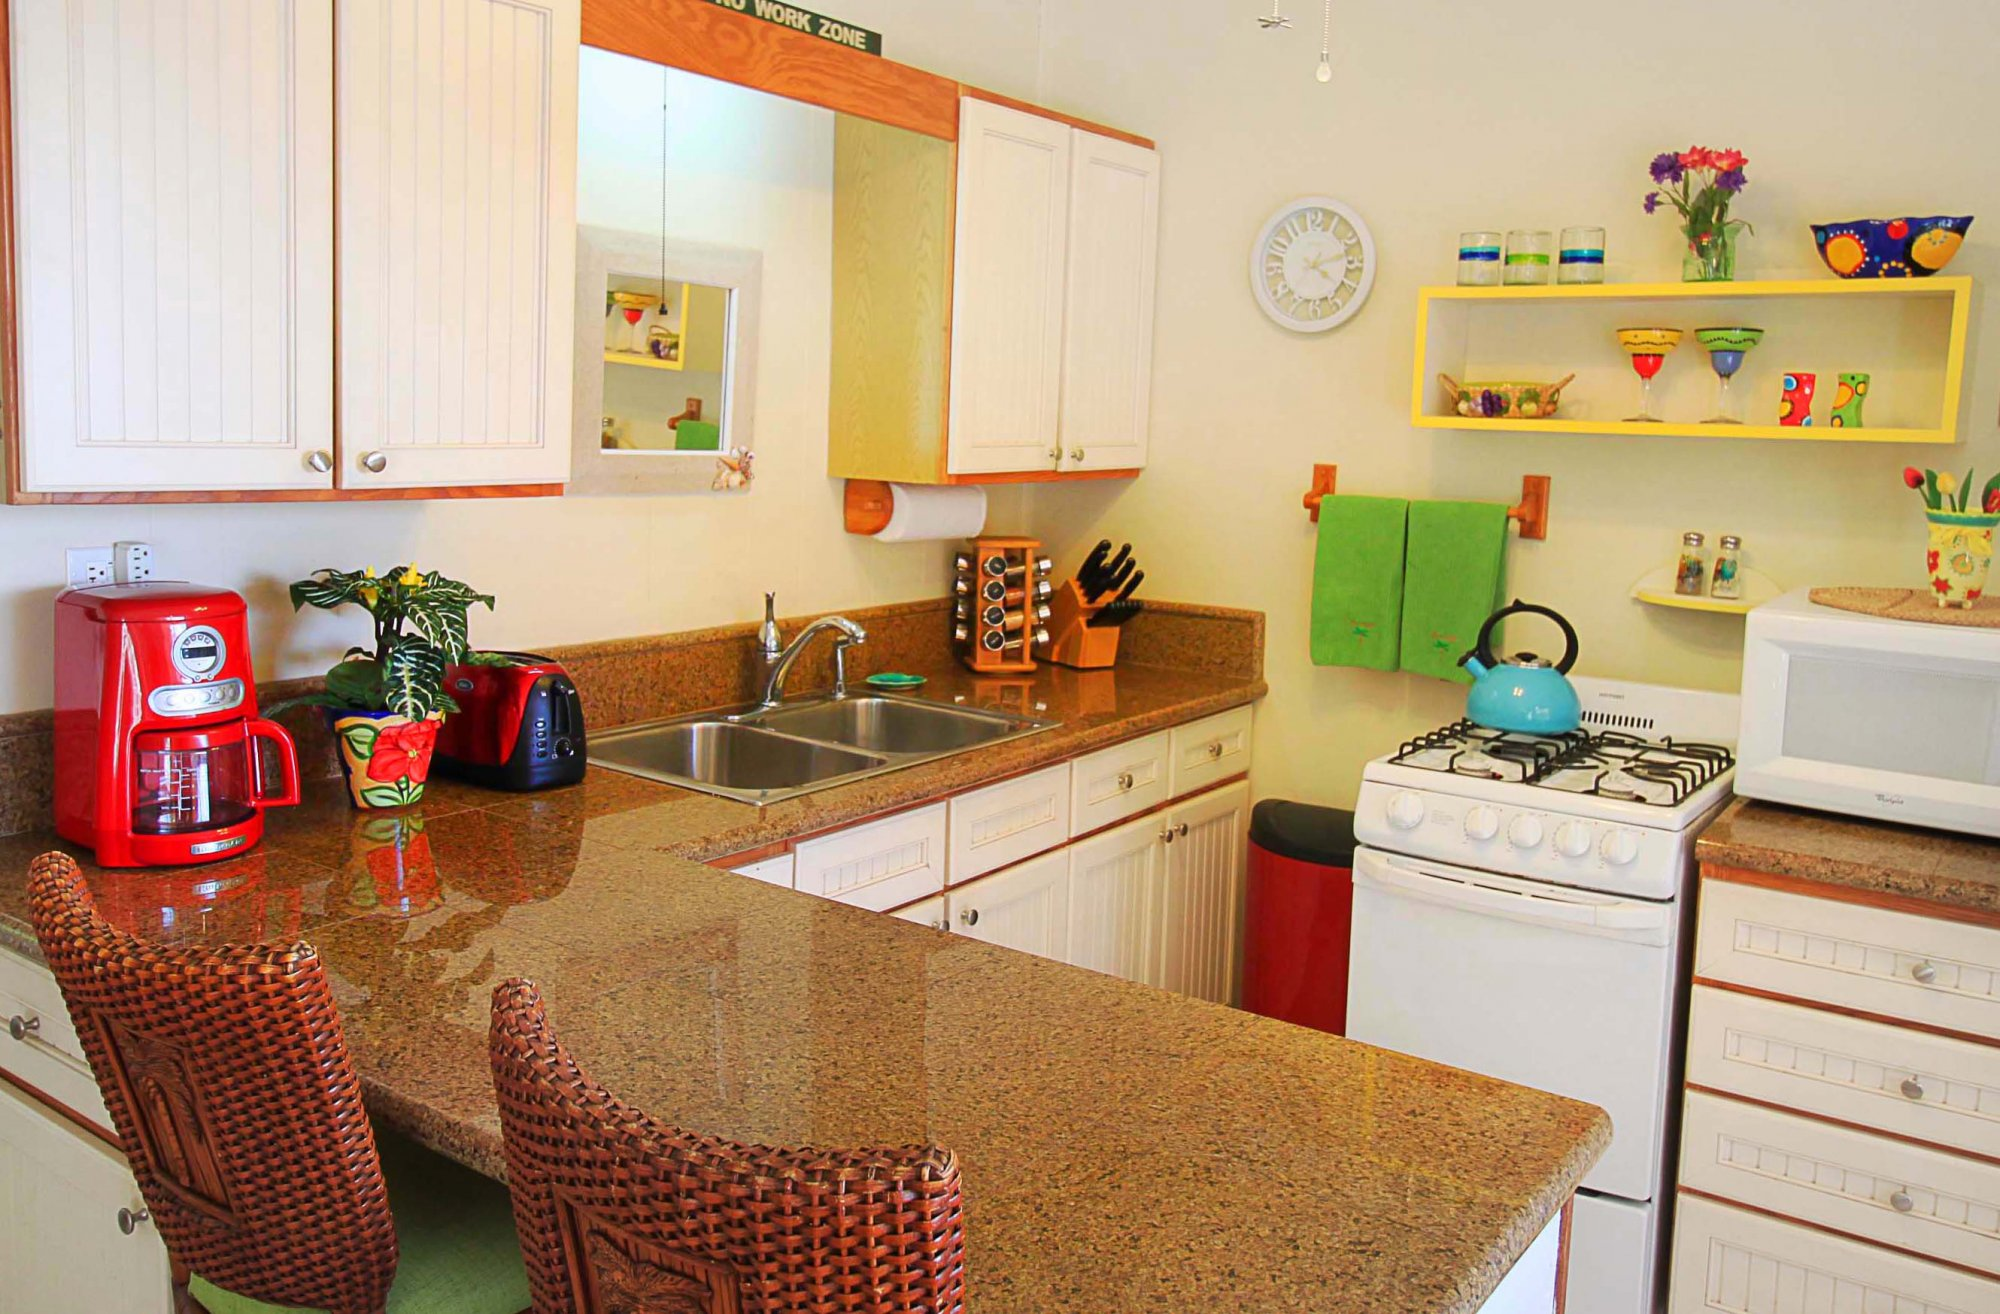 Fiesta kitchen